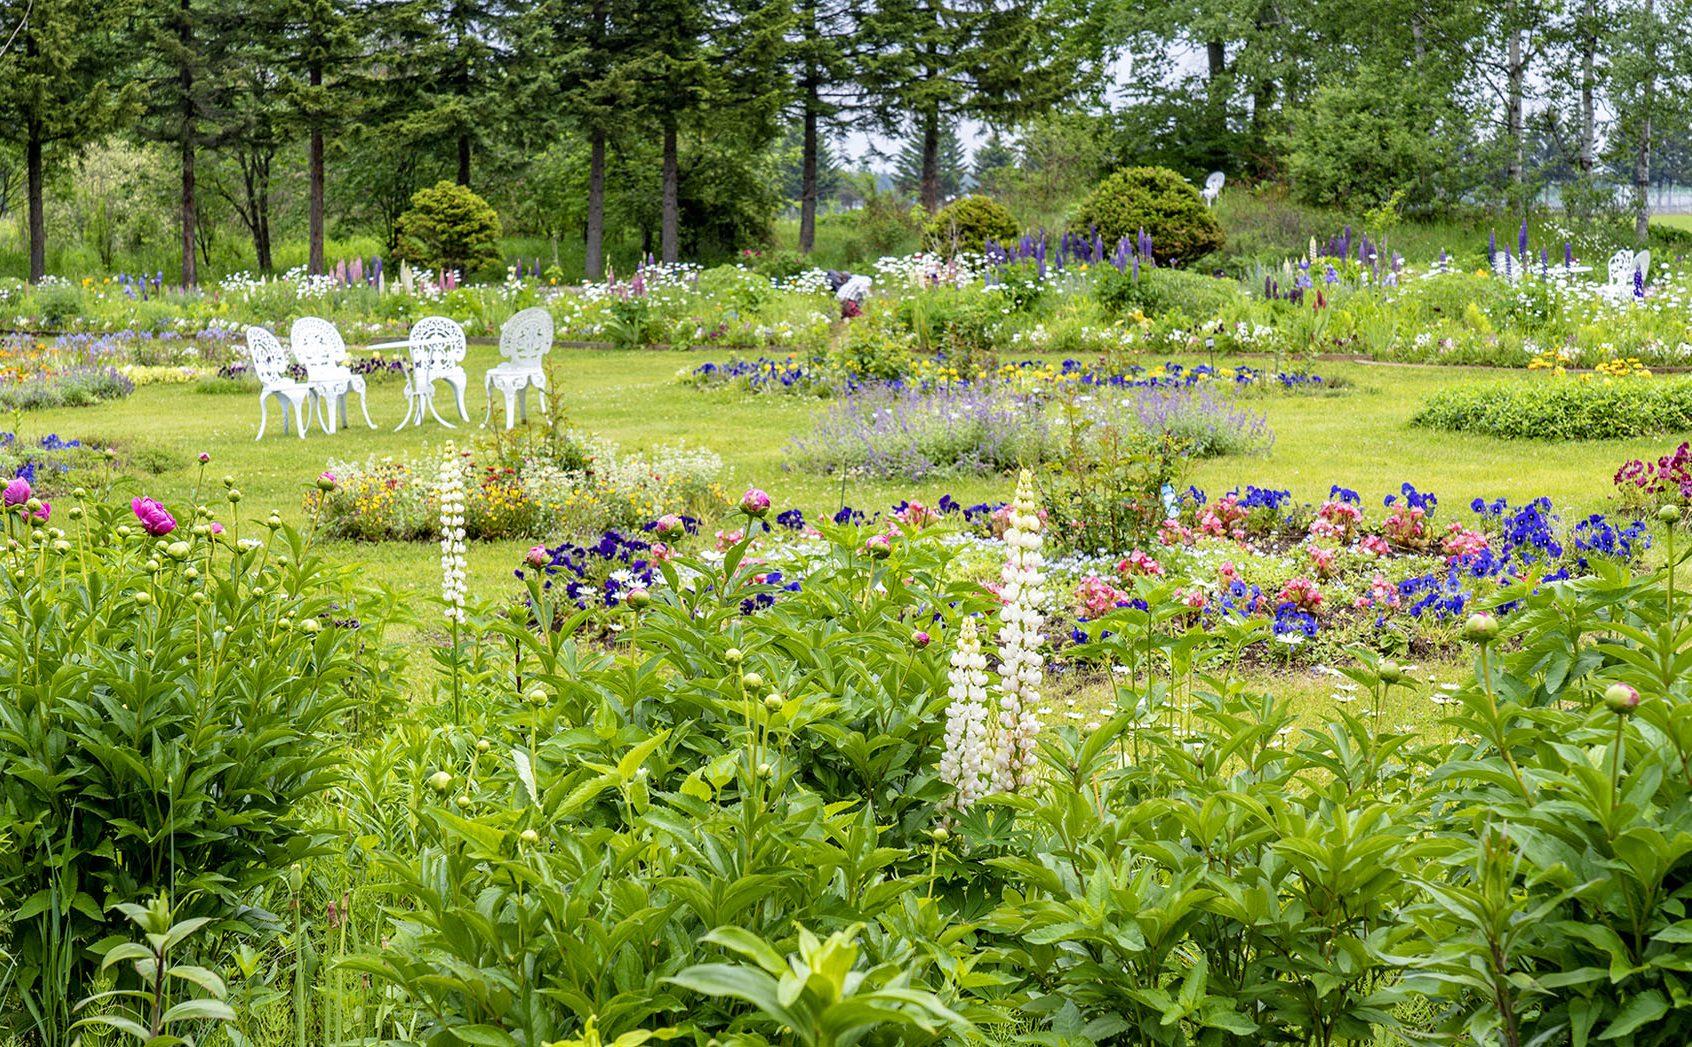 肥料も水やりもしない奇跡の「紫竹ガーデン」はいかに誕生したのか?